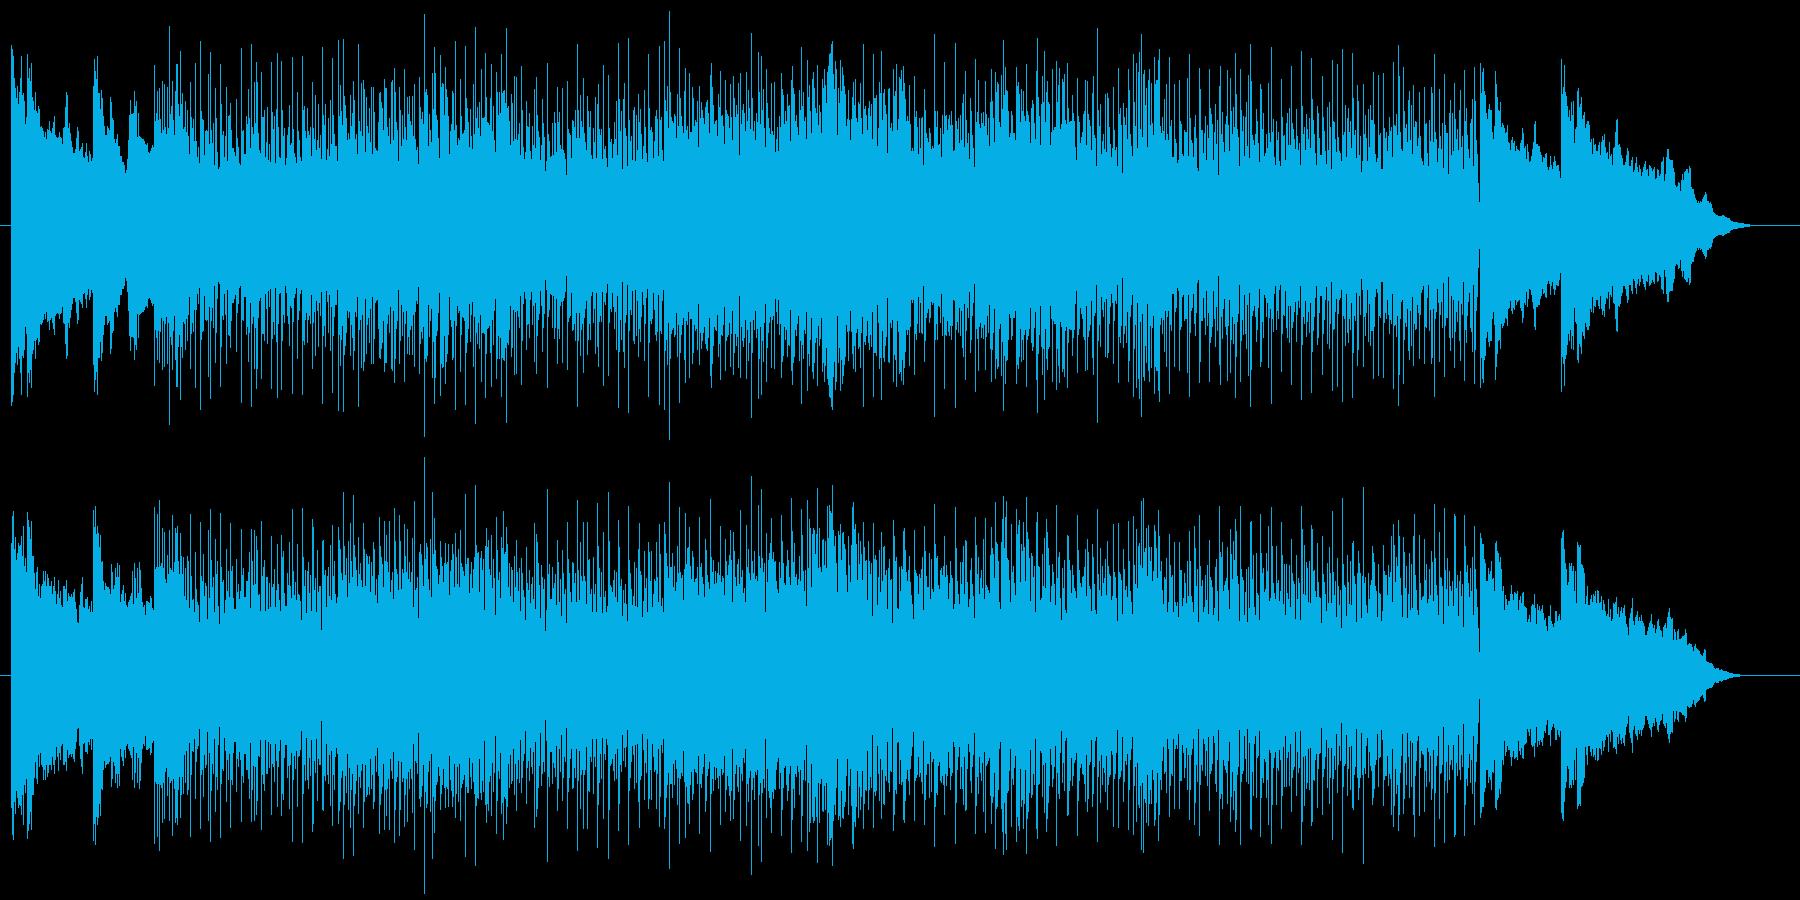 シンプルかつストレートなスラッシュメタルの再生済みの波形